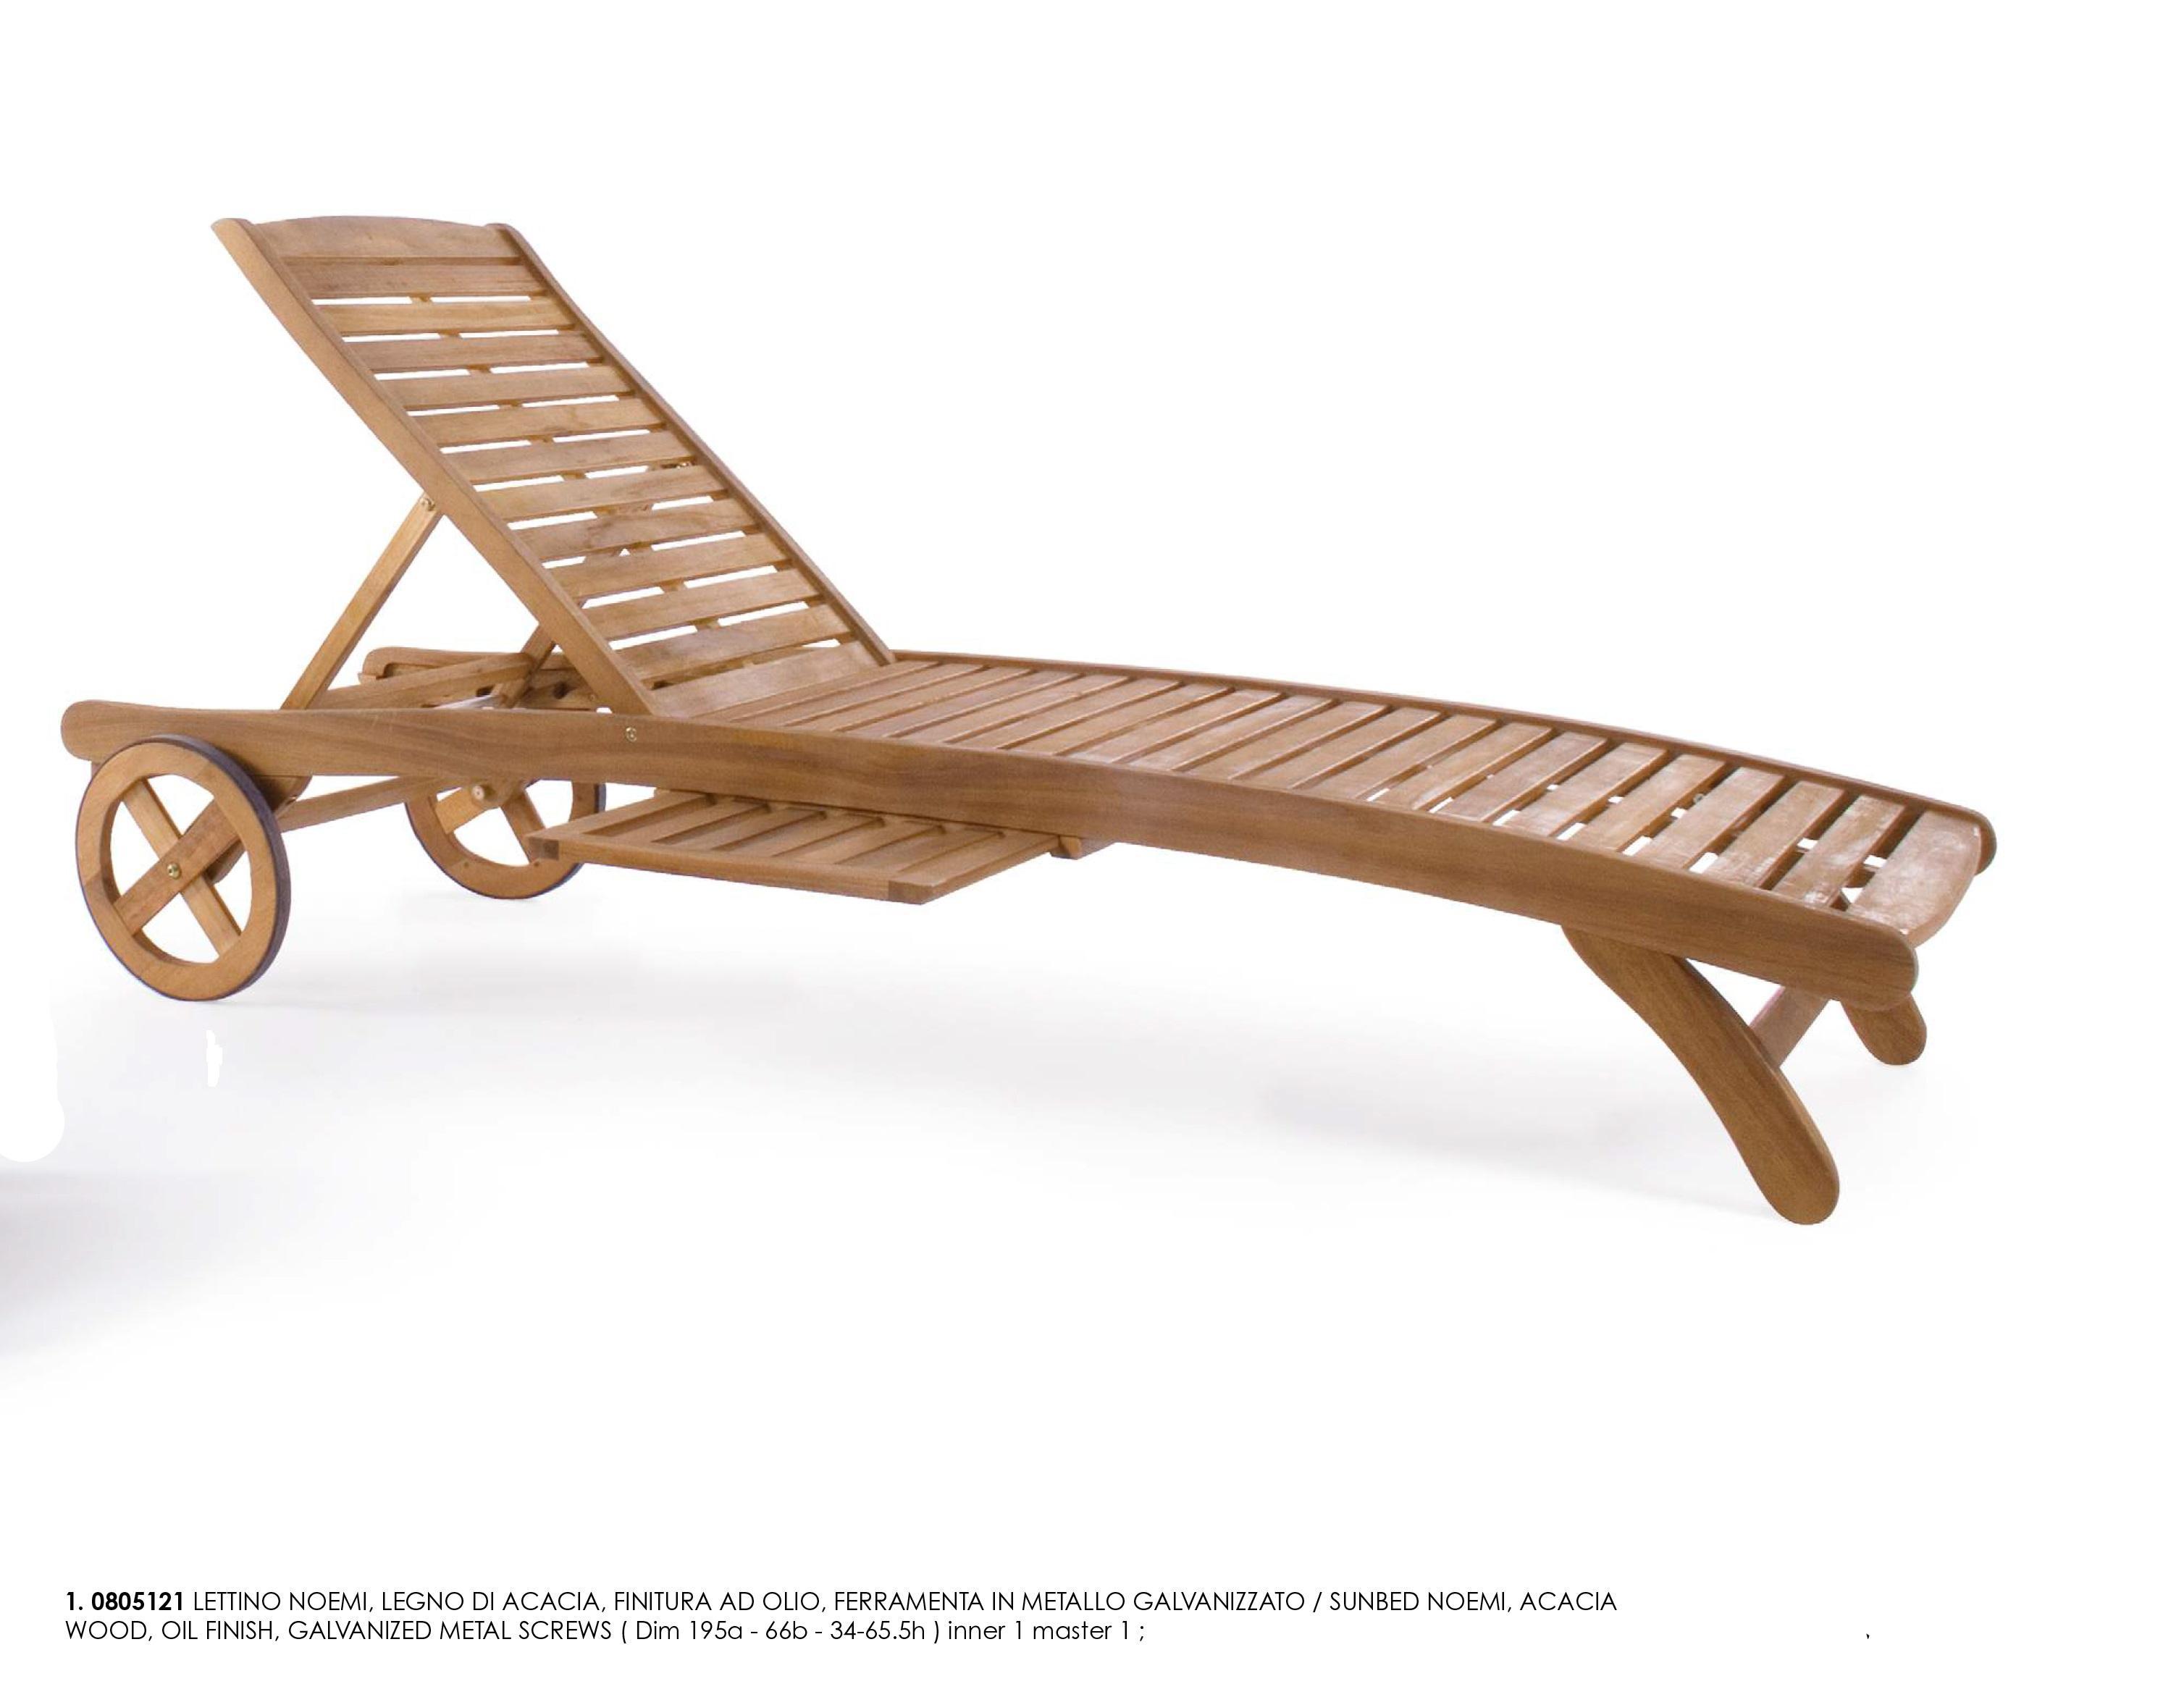 lettino da spiaggia pieghevole con ruote: lettini pieghevoli per ... - Lettino Per Spiaggia